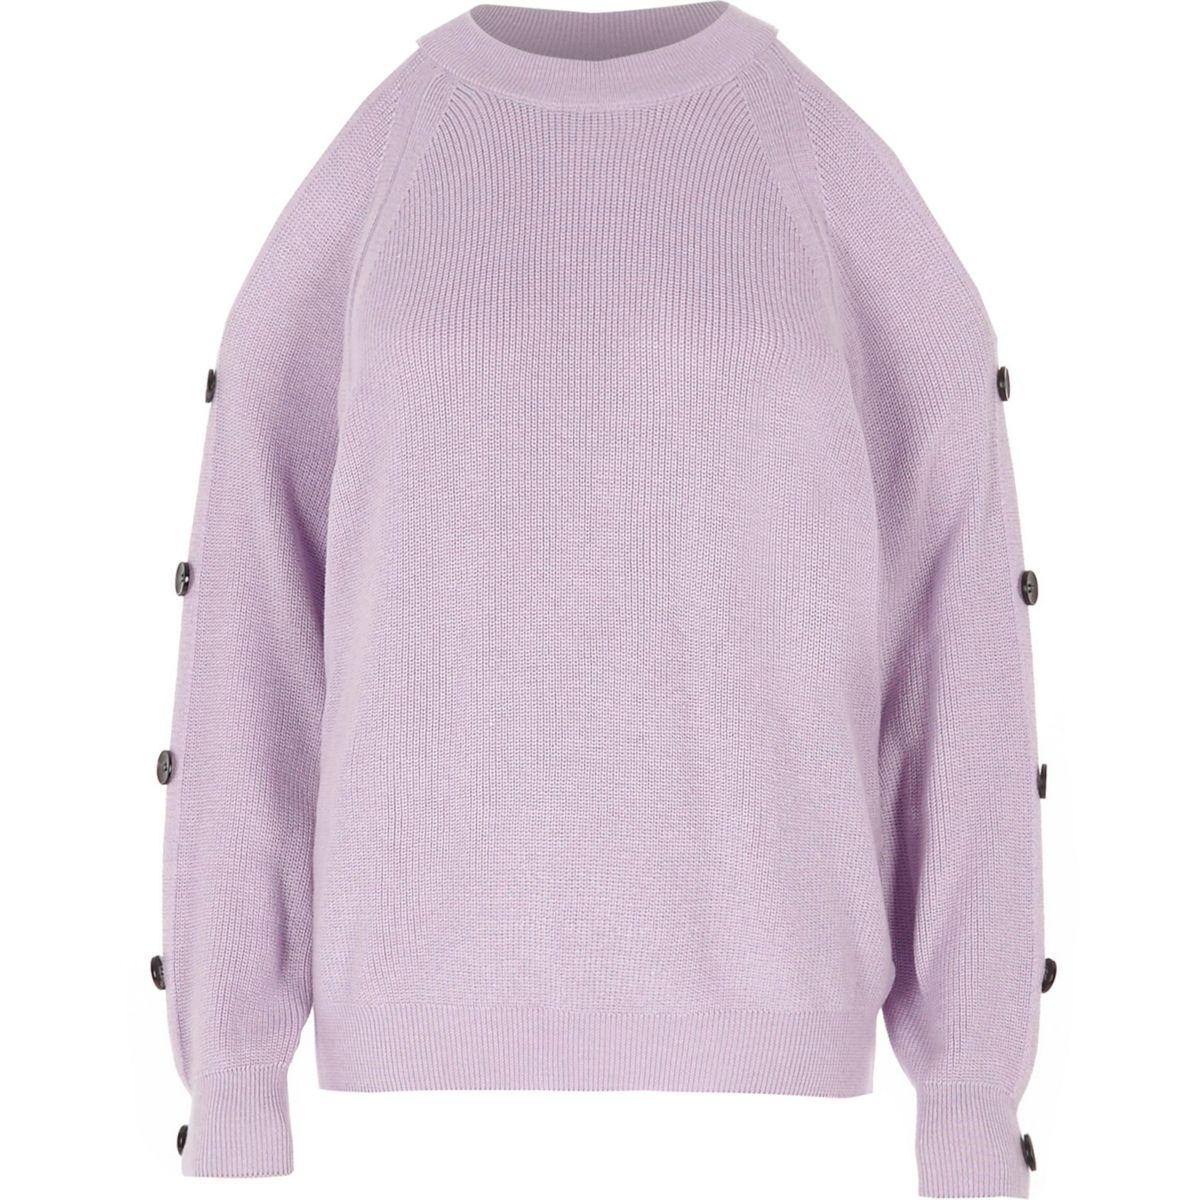 Light purple knit cold shoulder jumper